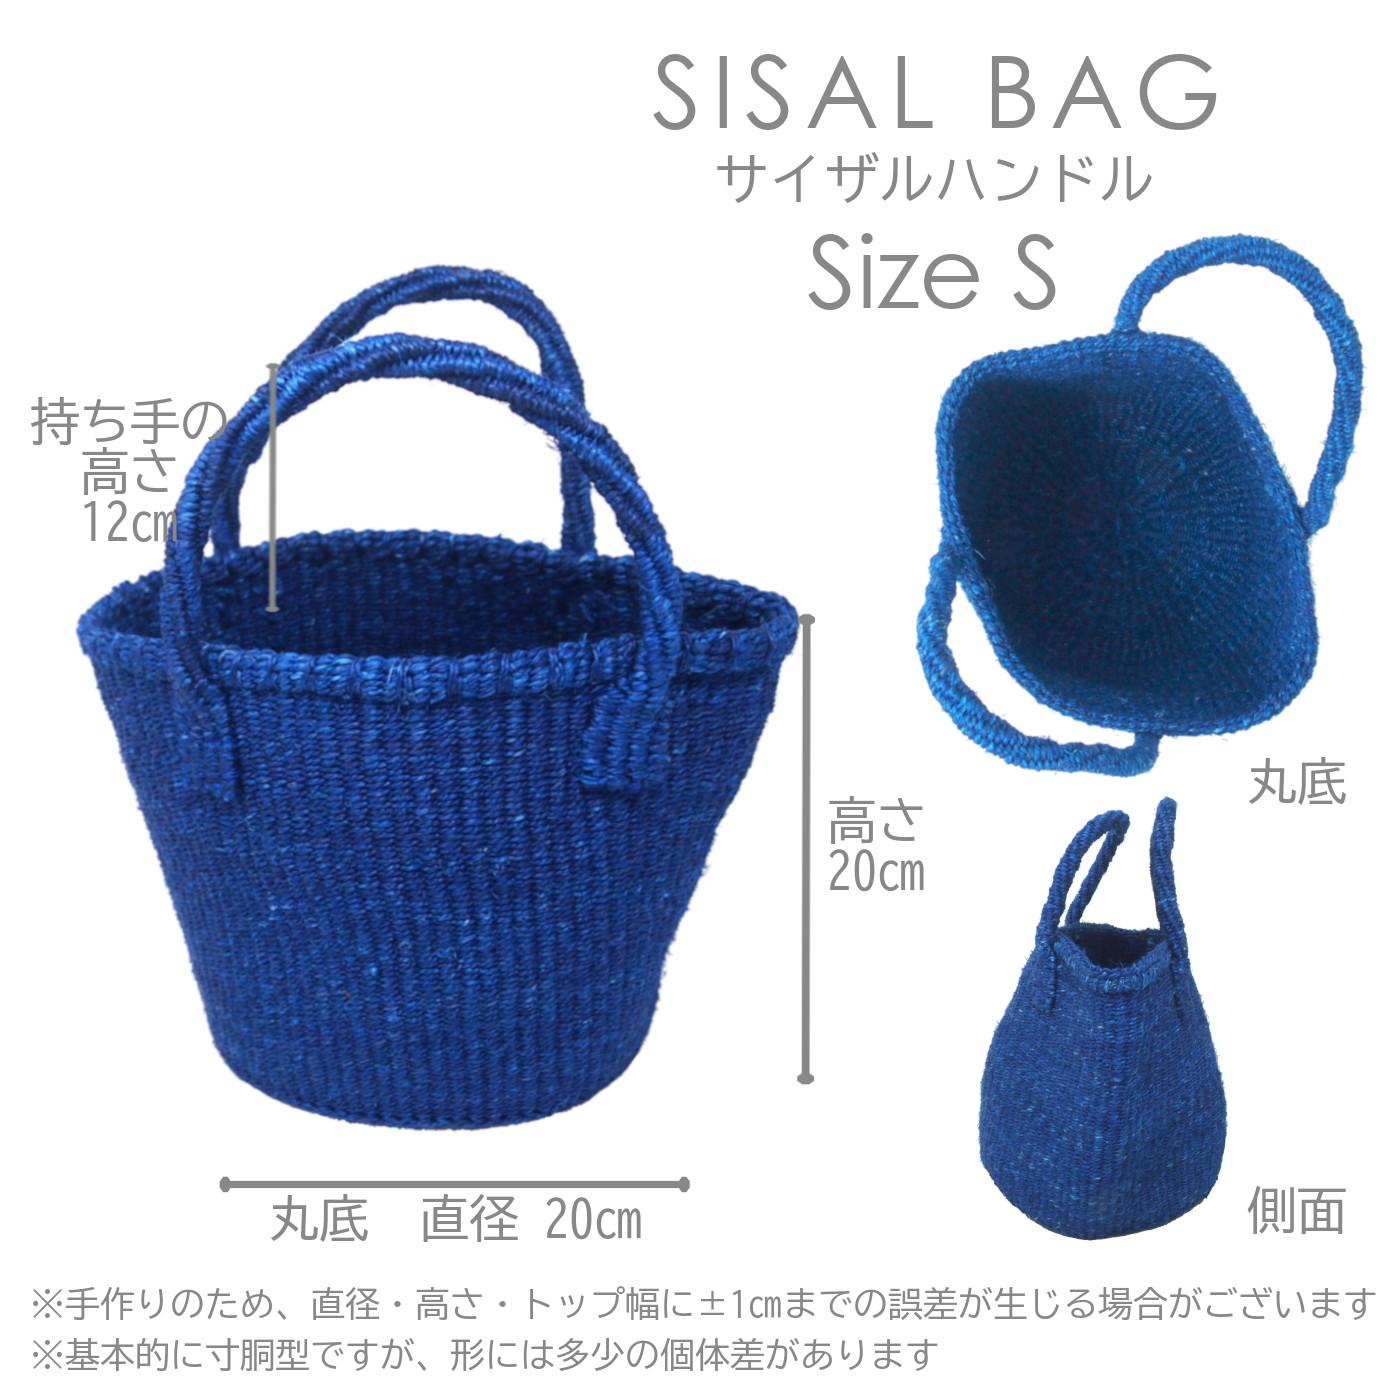 サイザルバッグ Sサイズ ベーシック ブルー